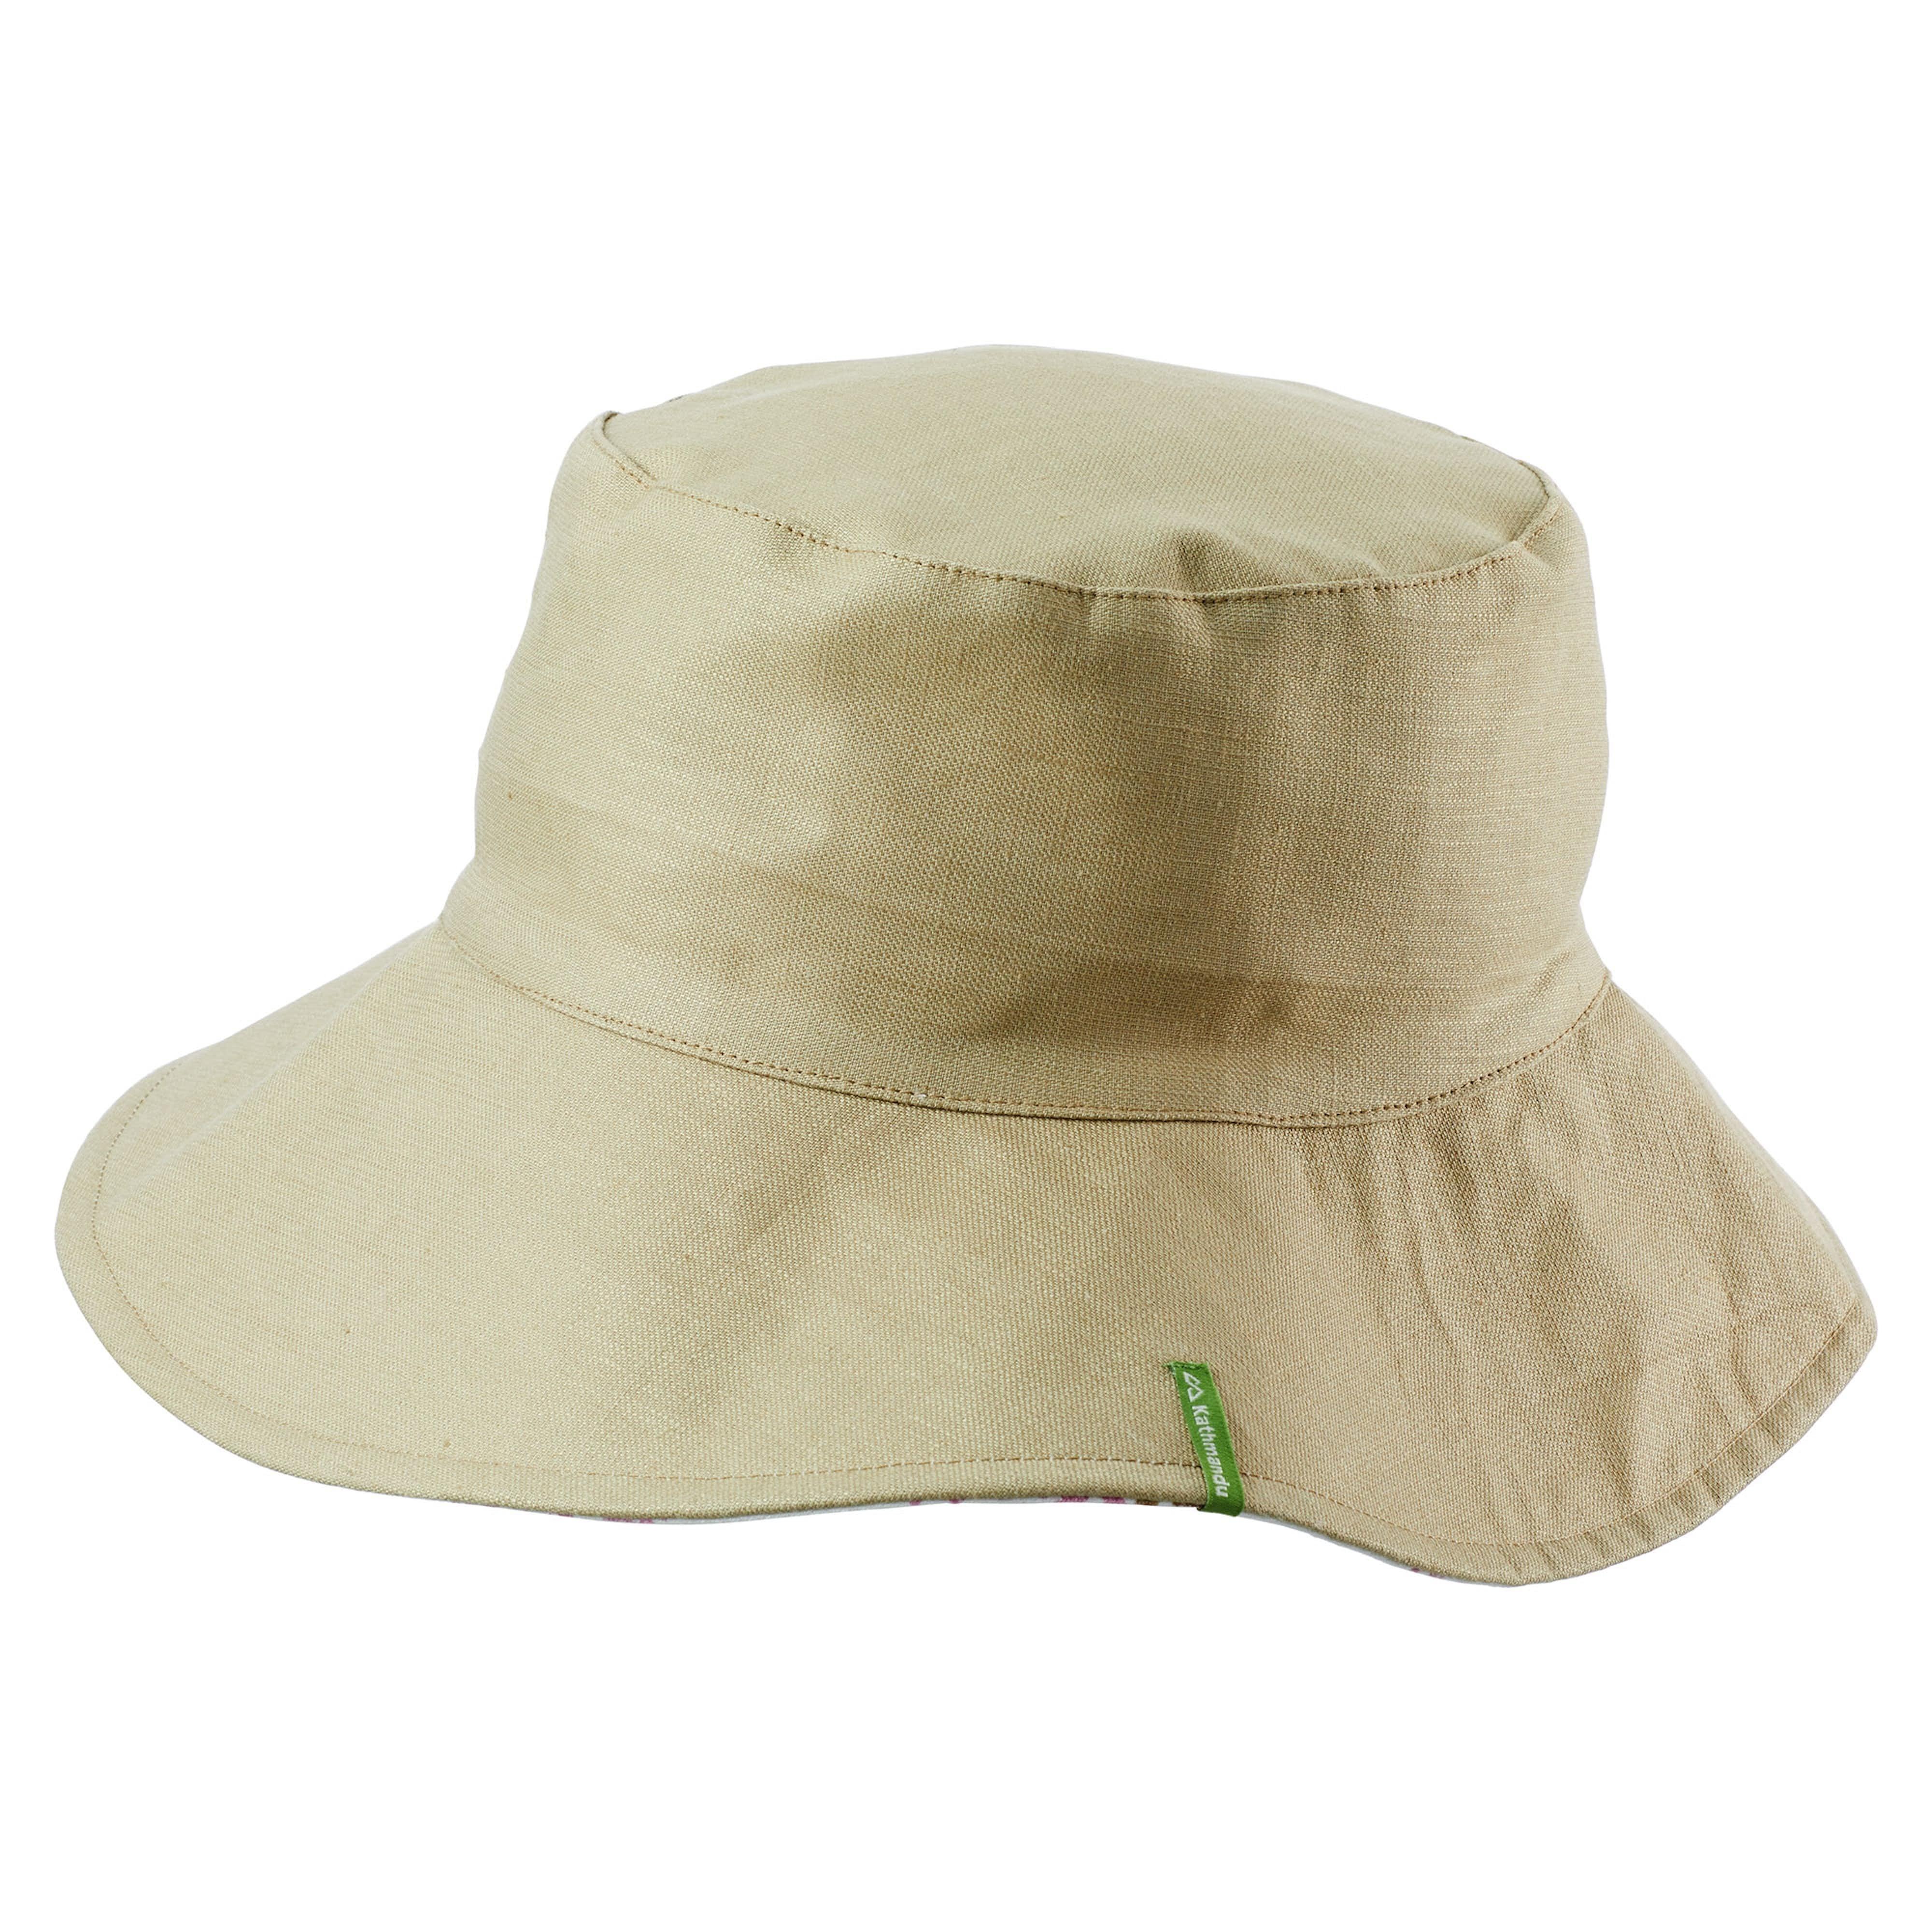 3877ba633aa7e Awna Sun Hat - Denim Silver